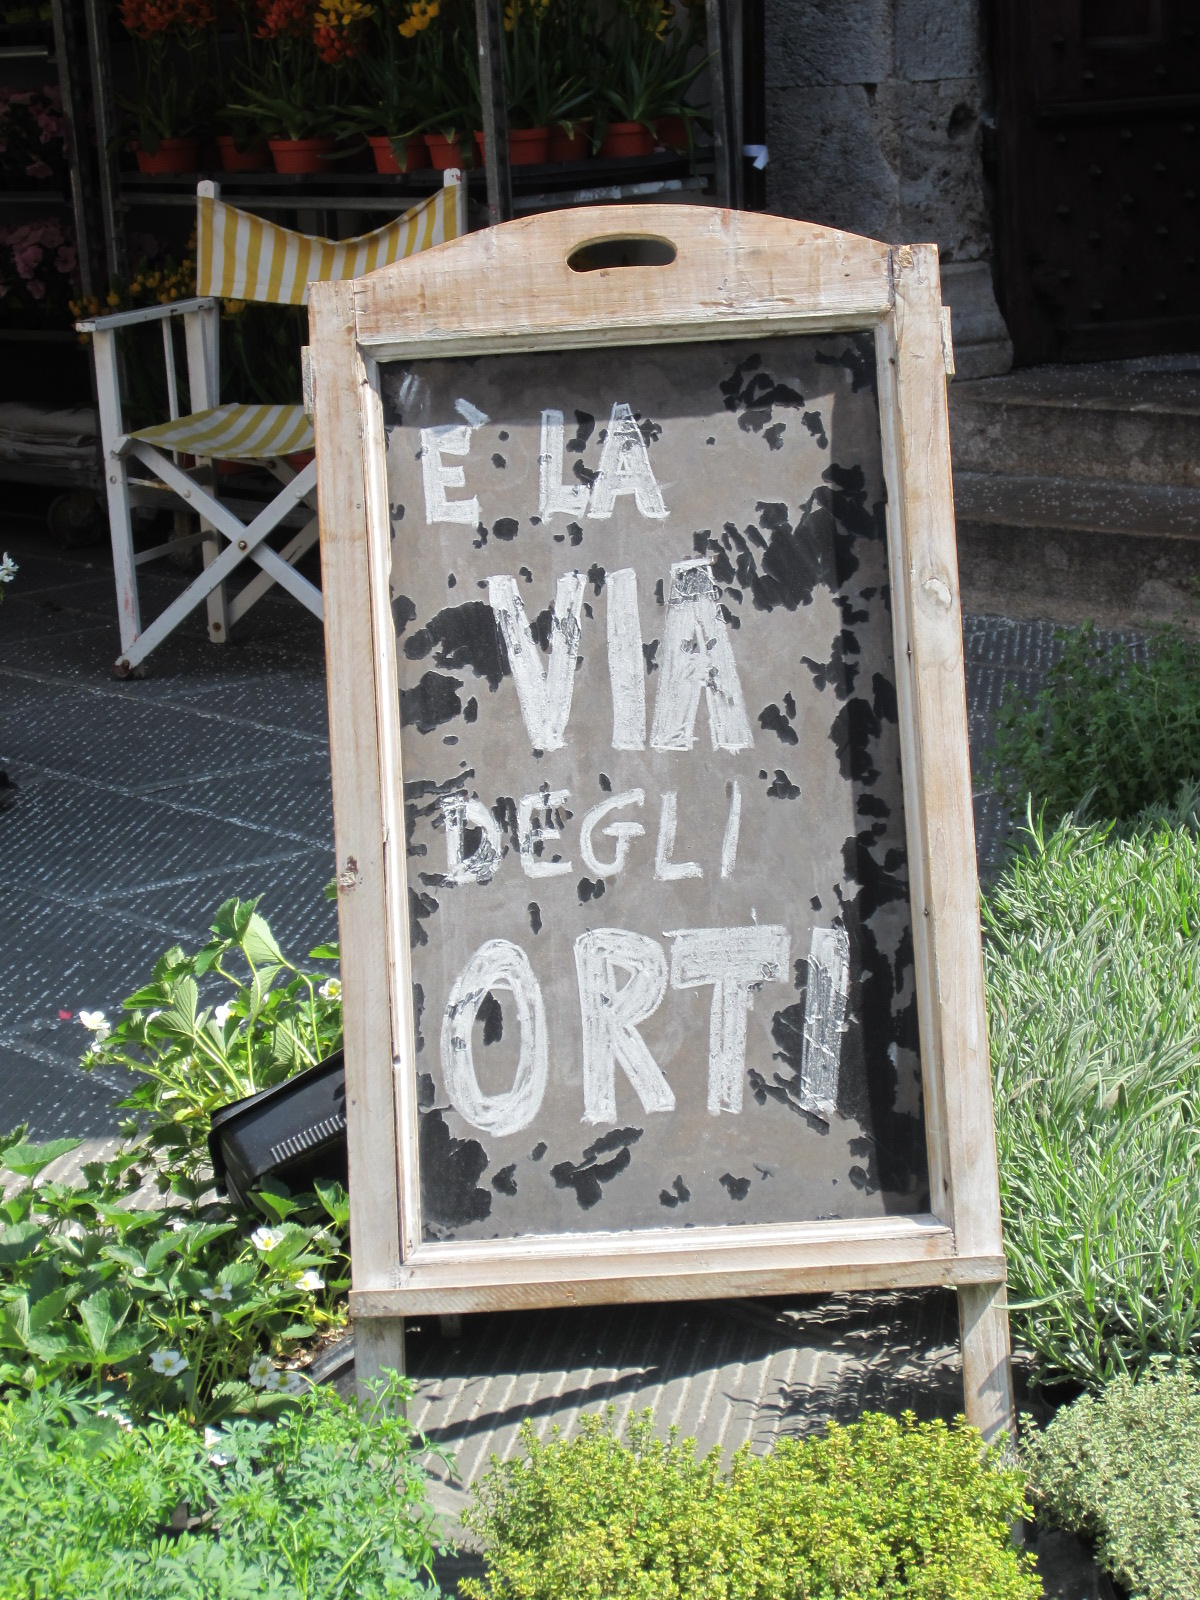 La foto mostra una lavagna con la scritta  è la via dell'orto